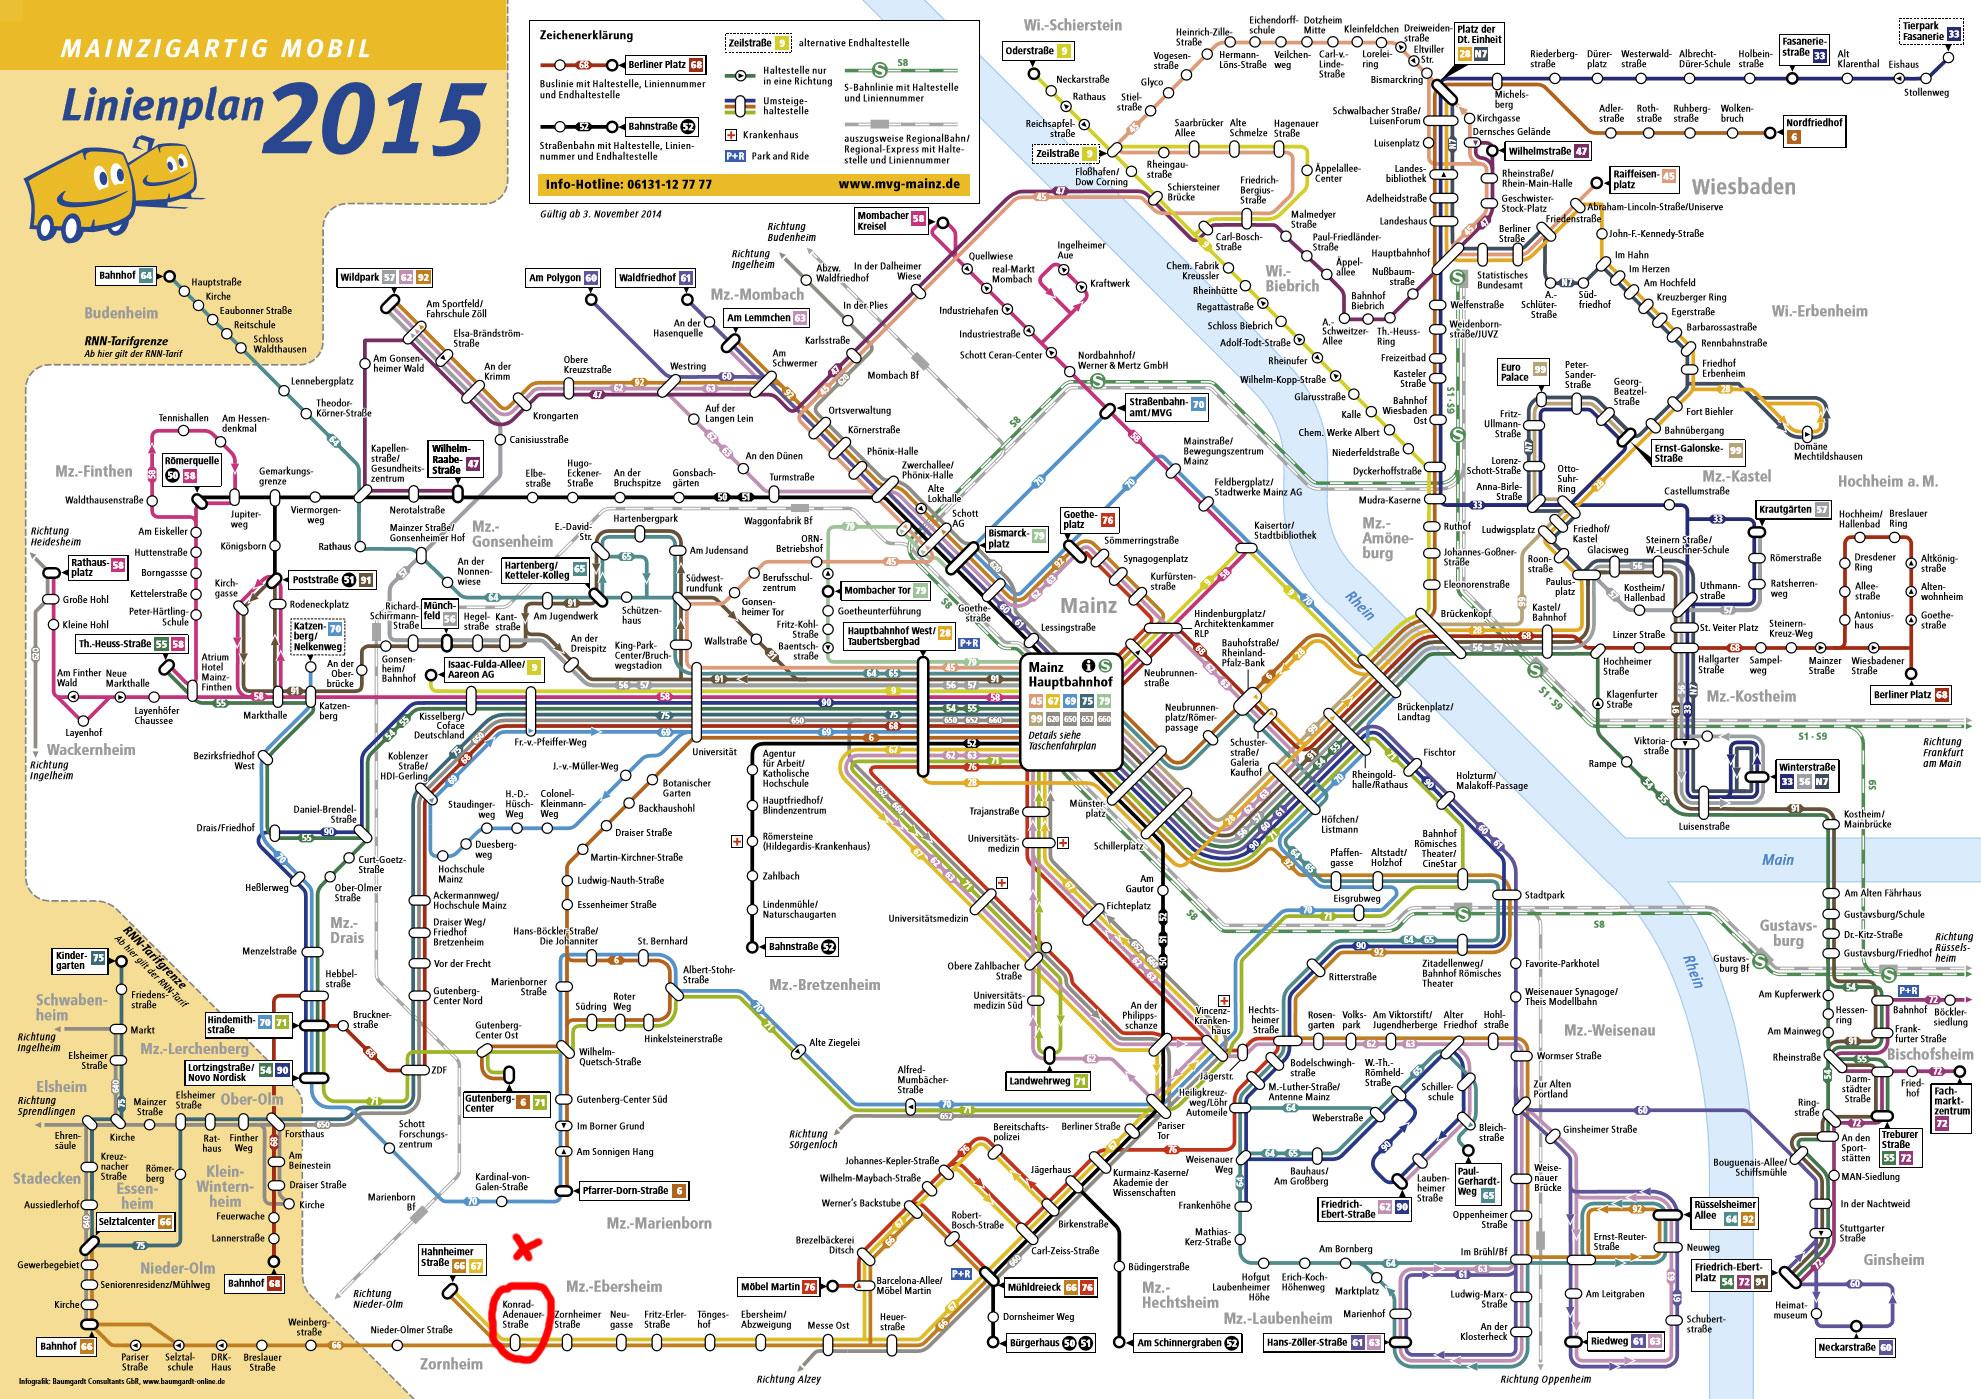 Linienplan-2015